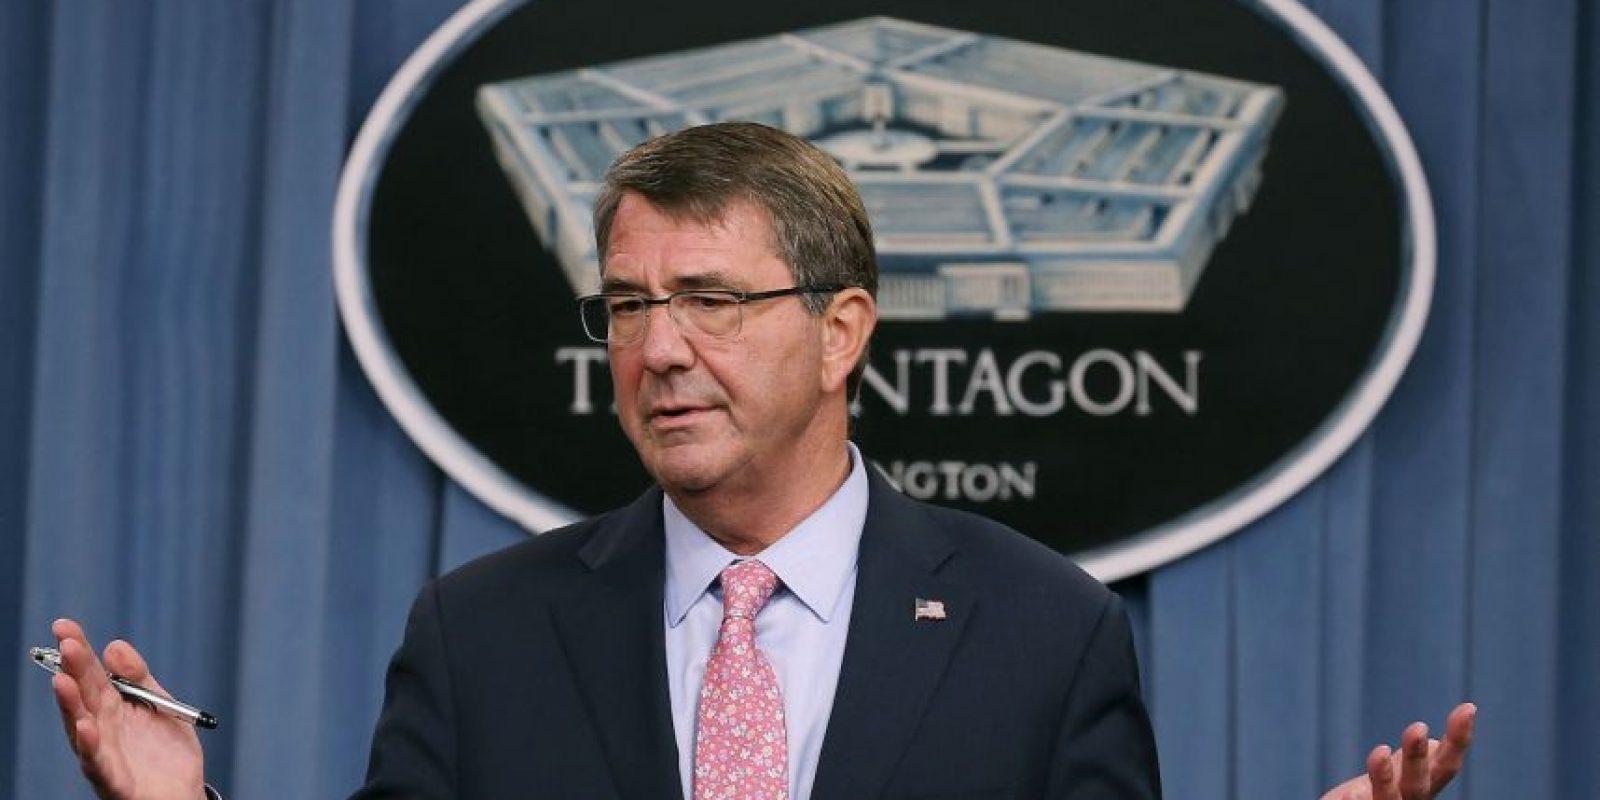 """Debido a estos ataques el Secretario de Defensa de Estados Unidos, Ash Carter los señaló """"equivalentes a echar gasolina al fuego"""". Foto:AFP"""